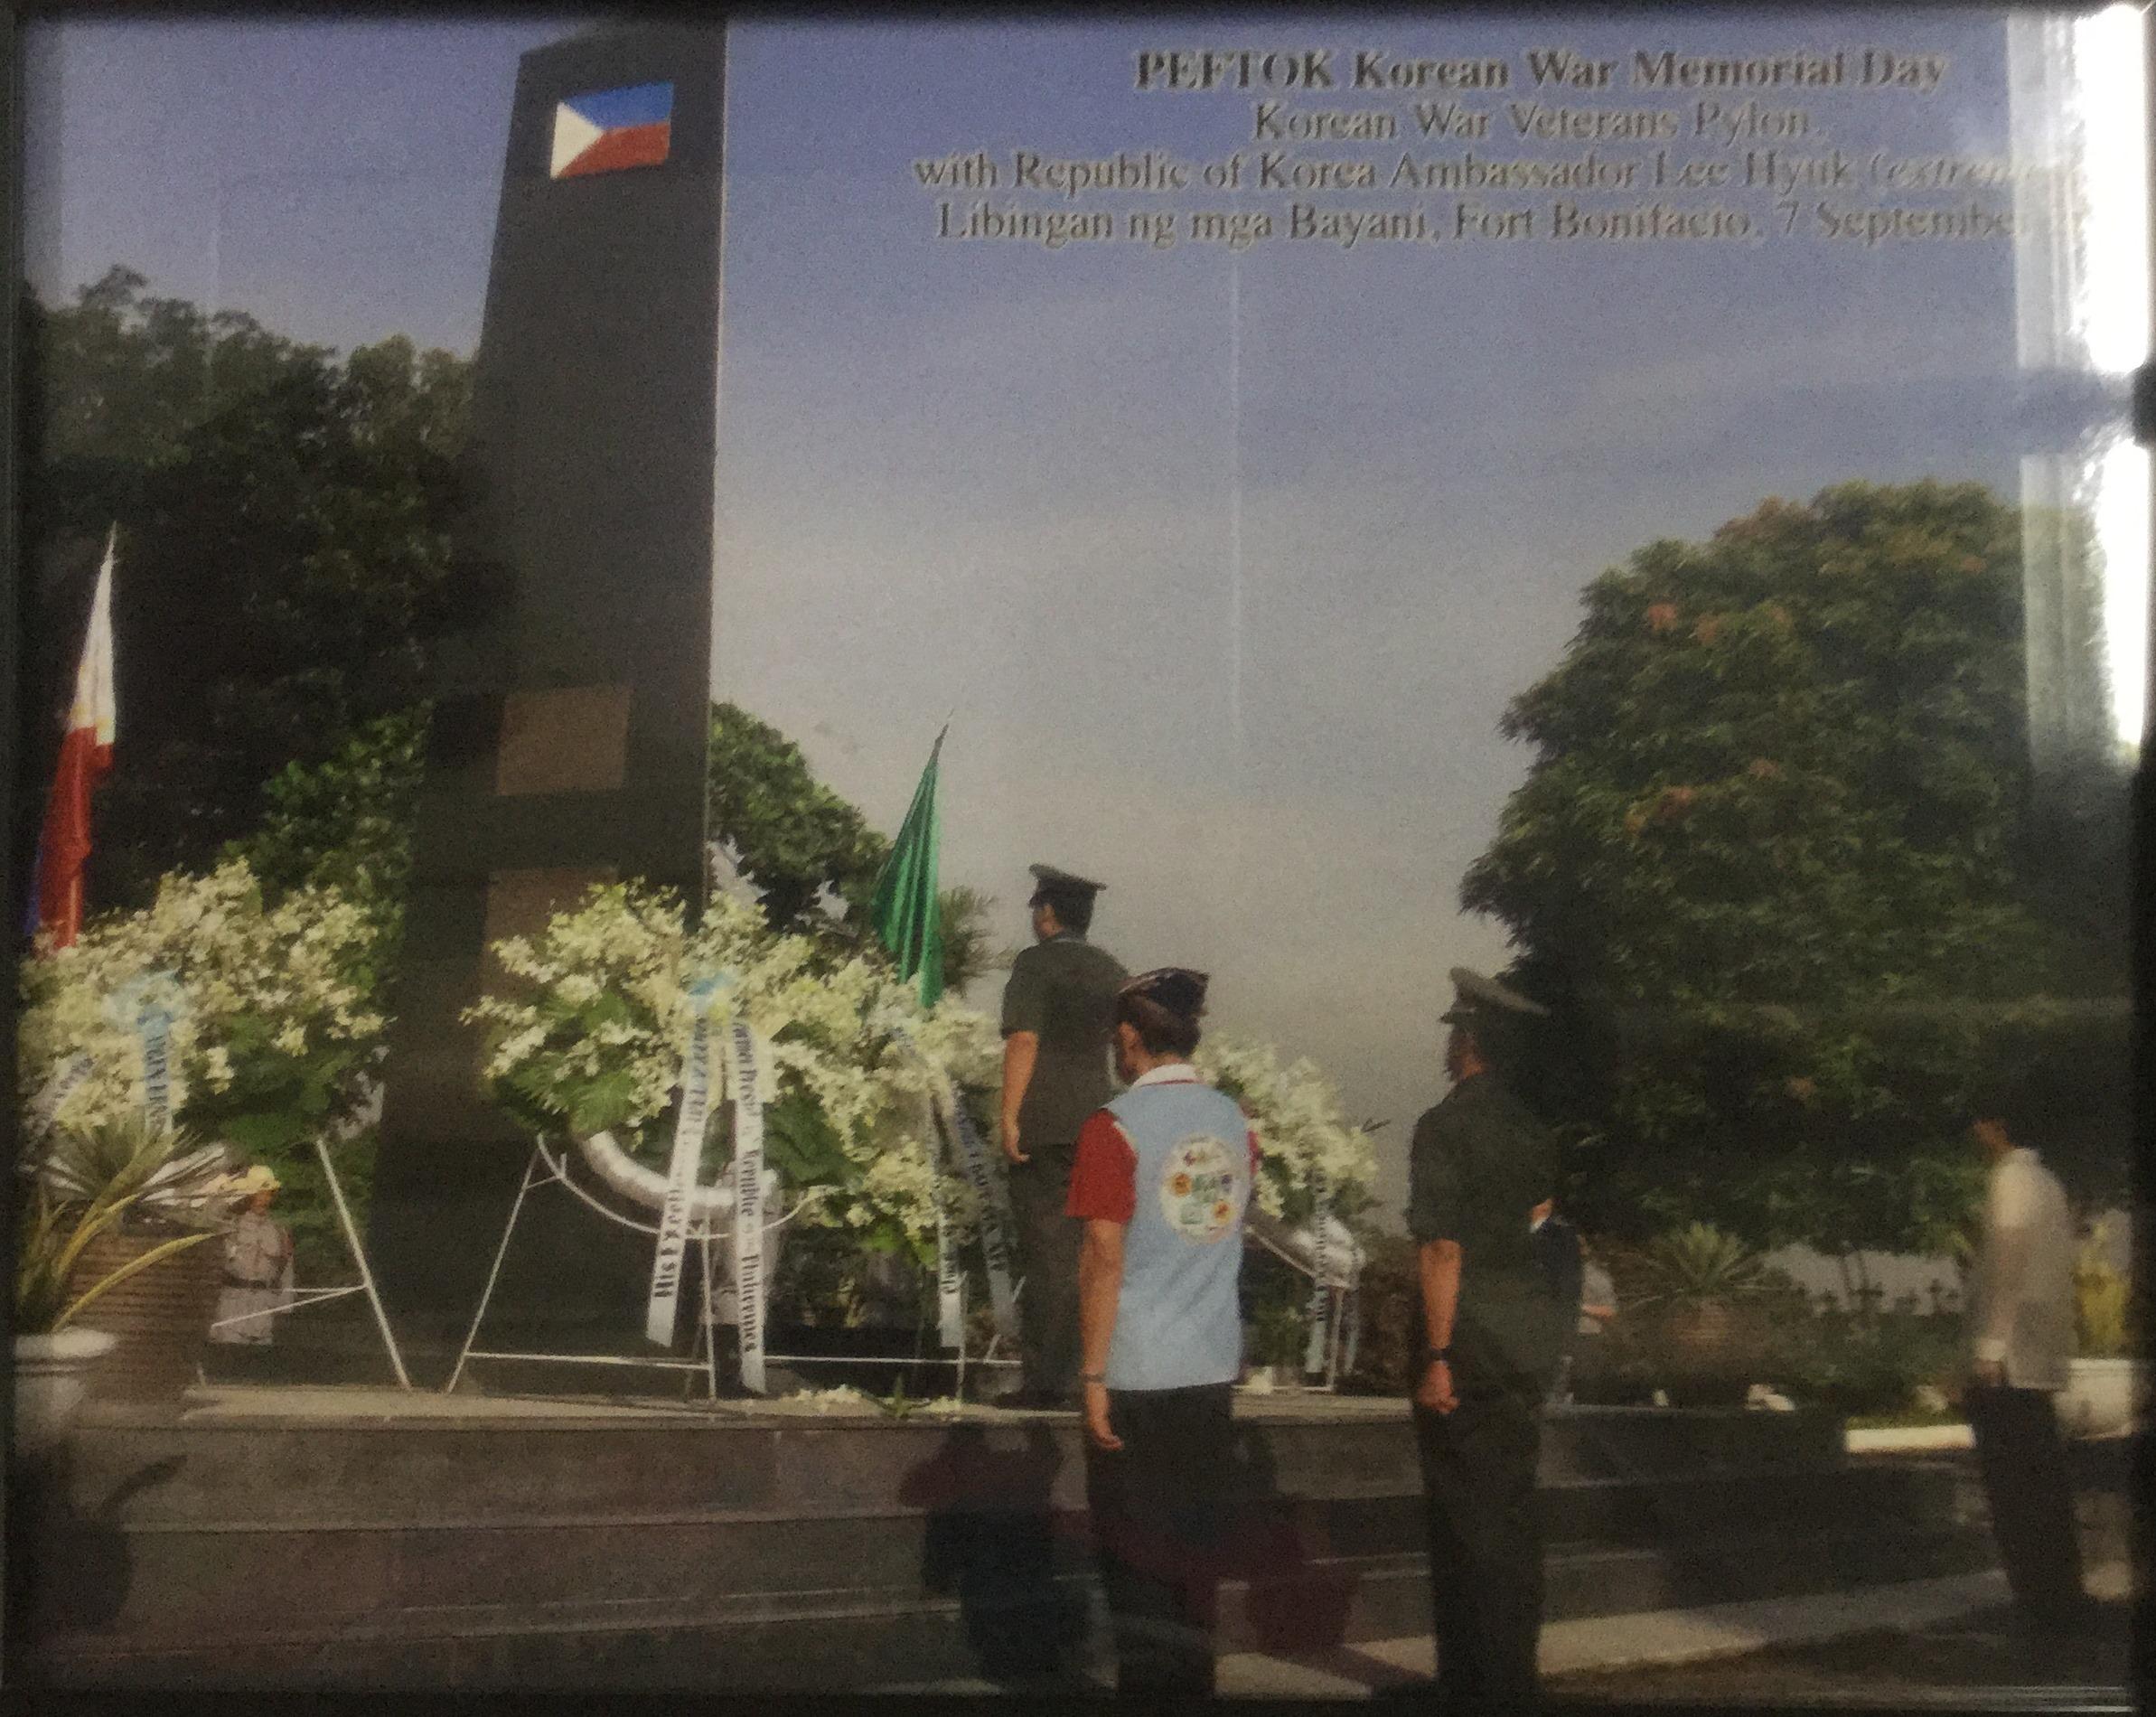 Peftok Korean War Memorial Day